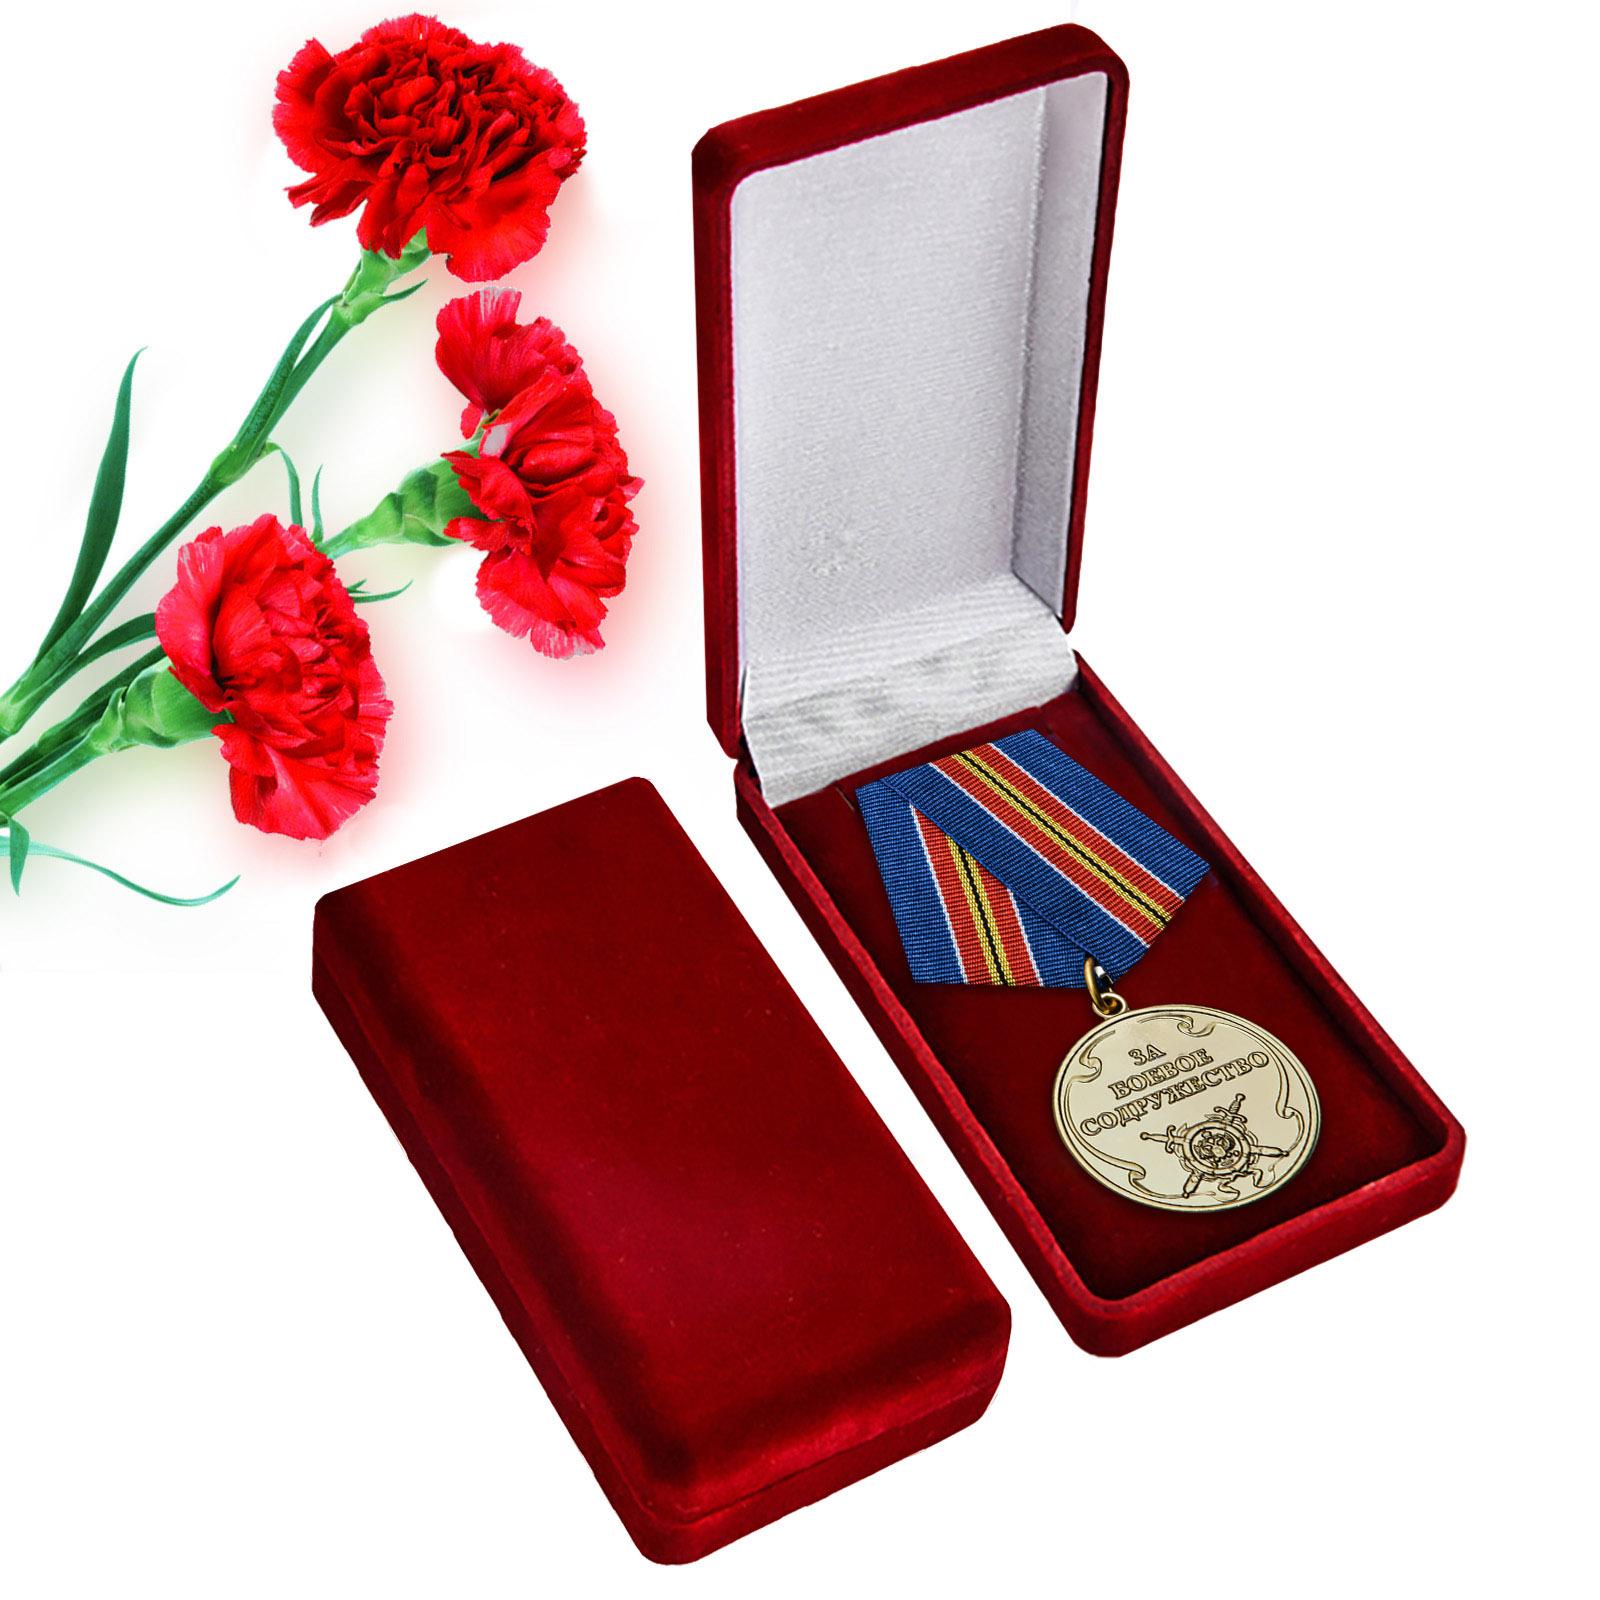 Латунная медаль За боевое содружество (МВД)